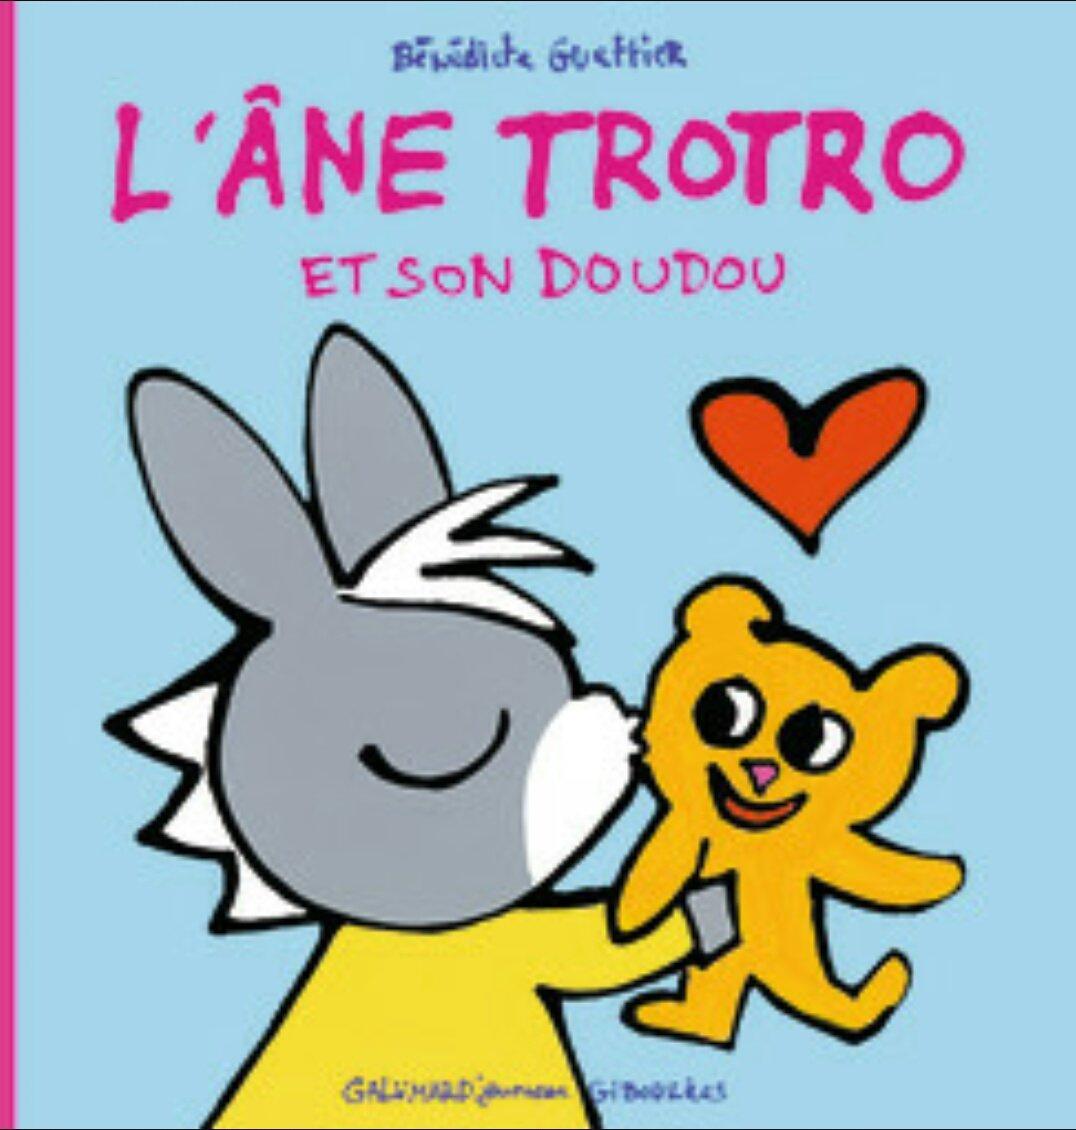 Trotro Rigolo (@rigolo_Trotro_O) | Twitter concernant Nouveau Trotro